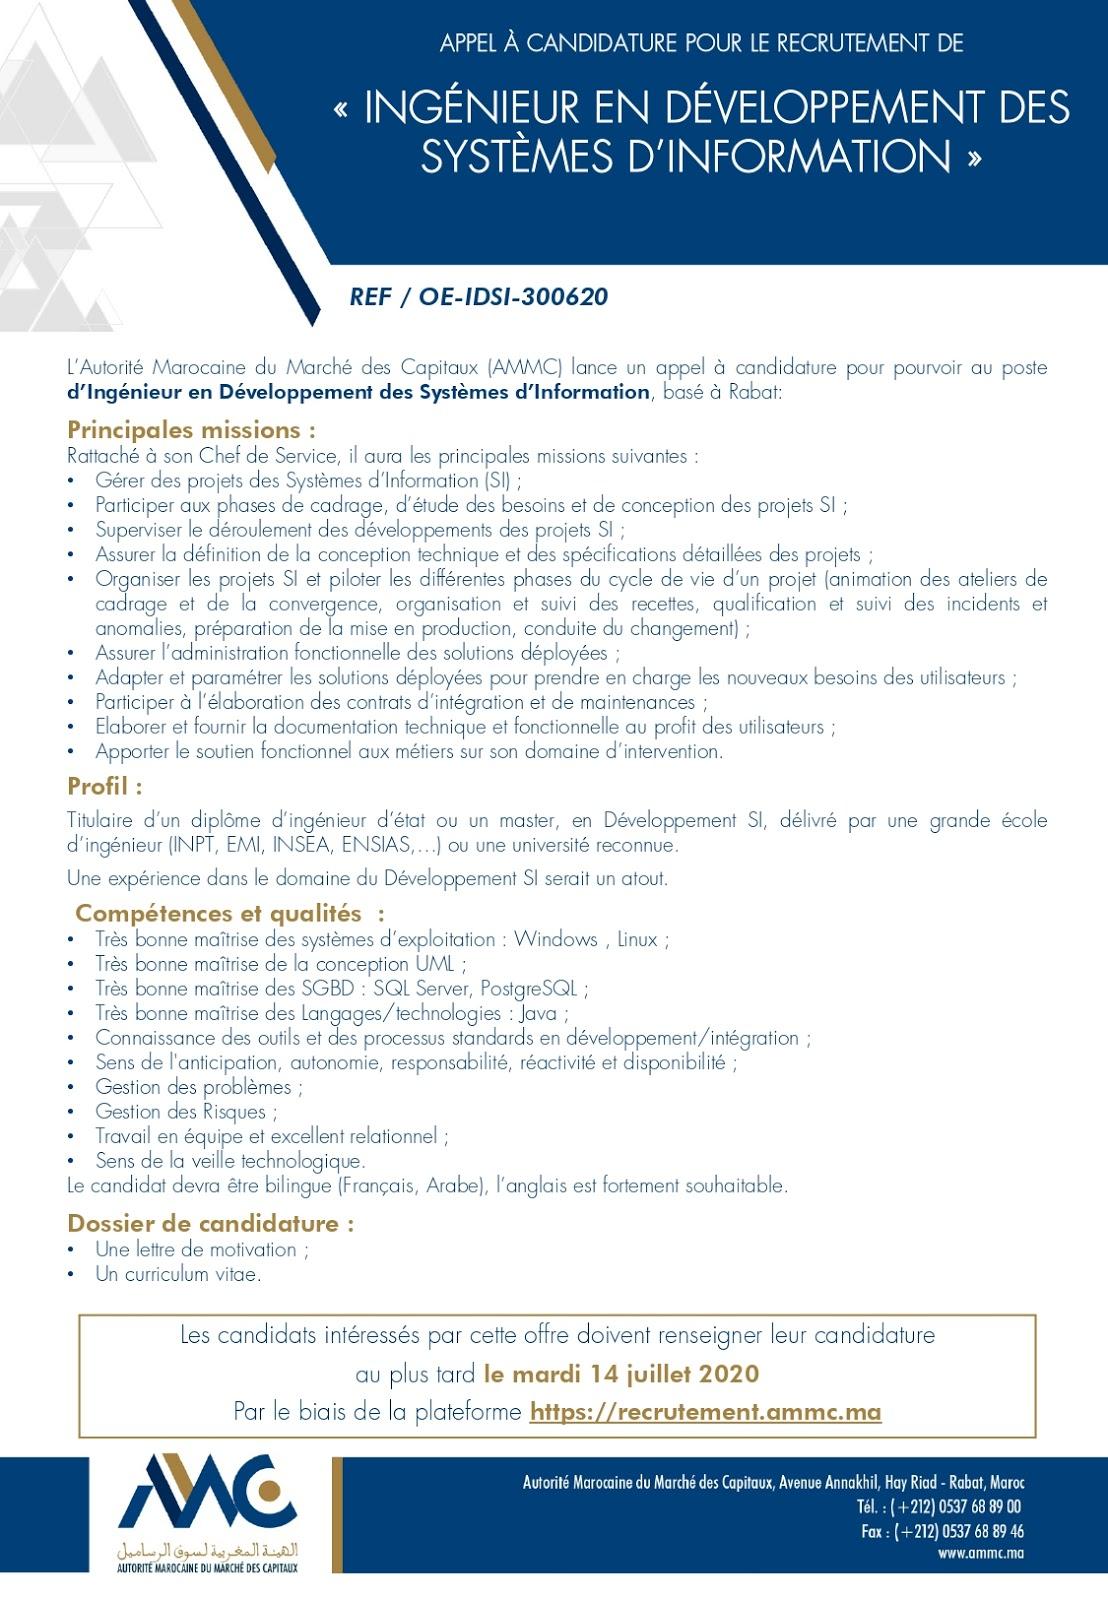 الهيئة المغربية لسوق الرساميل مباراة لتوظيف 01 مهندس تطوير النظم المعاوماتية آخر أجل 14 يوليوز 2020